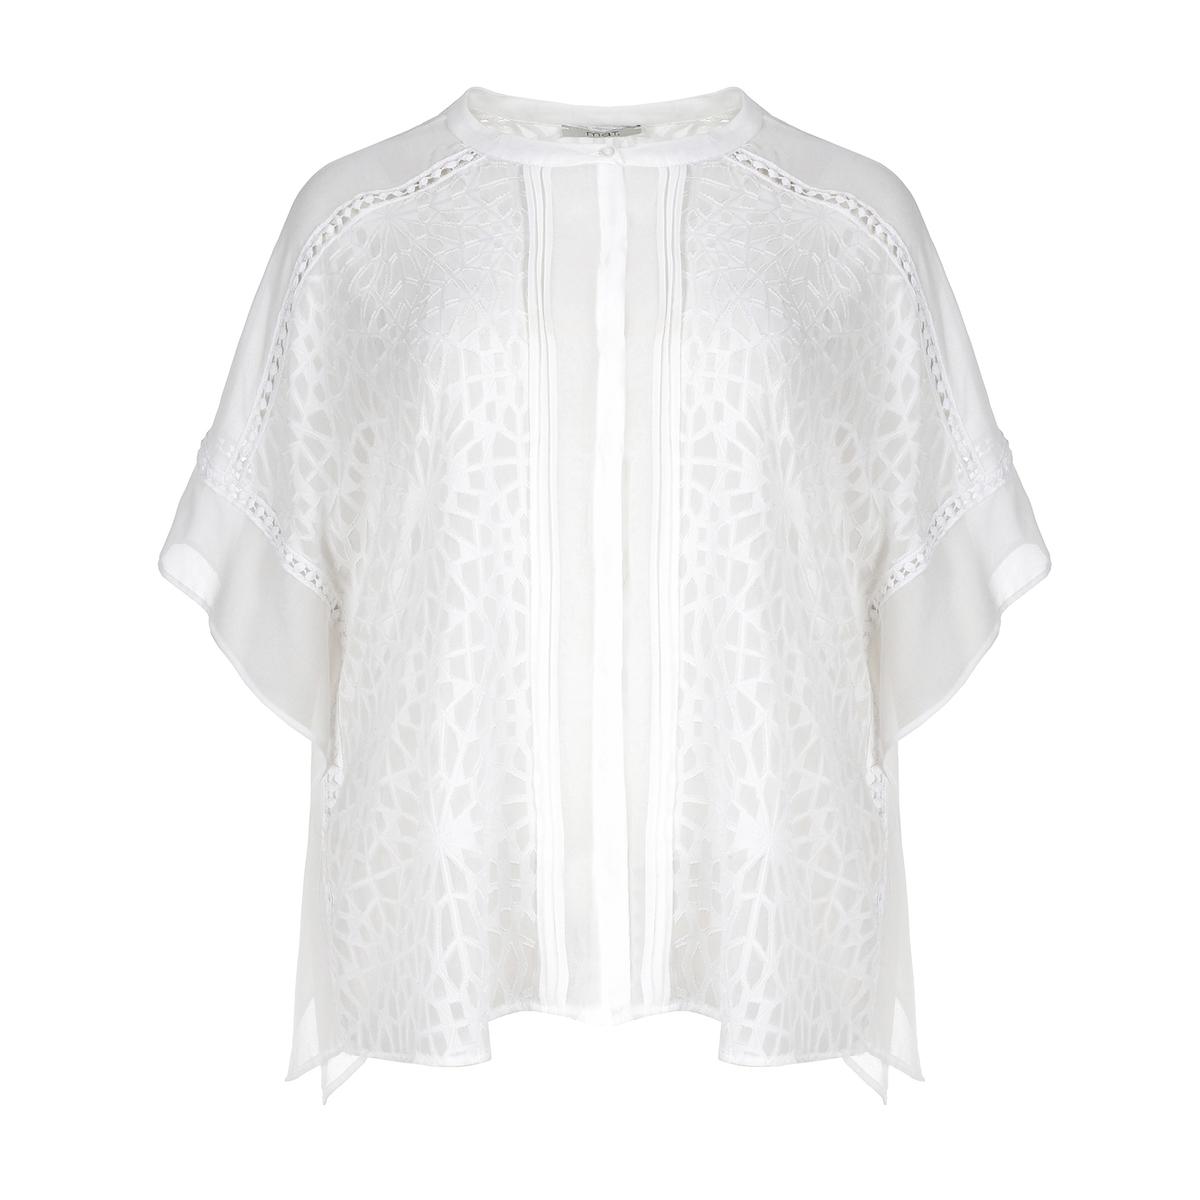 БлузкаБлузка из кружева с цветочным рисунком MAT FASHION. Блузка с низом из женственного и изящного кружева. Короткие рукава из струящейся ткани. Однотонная ткань на плечах и для отделки рукавов. Рубашечный воротник с изящной планкой застежки на пуговицы. 100% полиэстер<br><br>Цвет: белый<br>Размер: 44/48.50/54